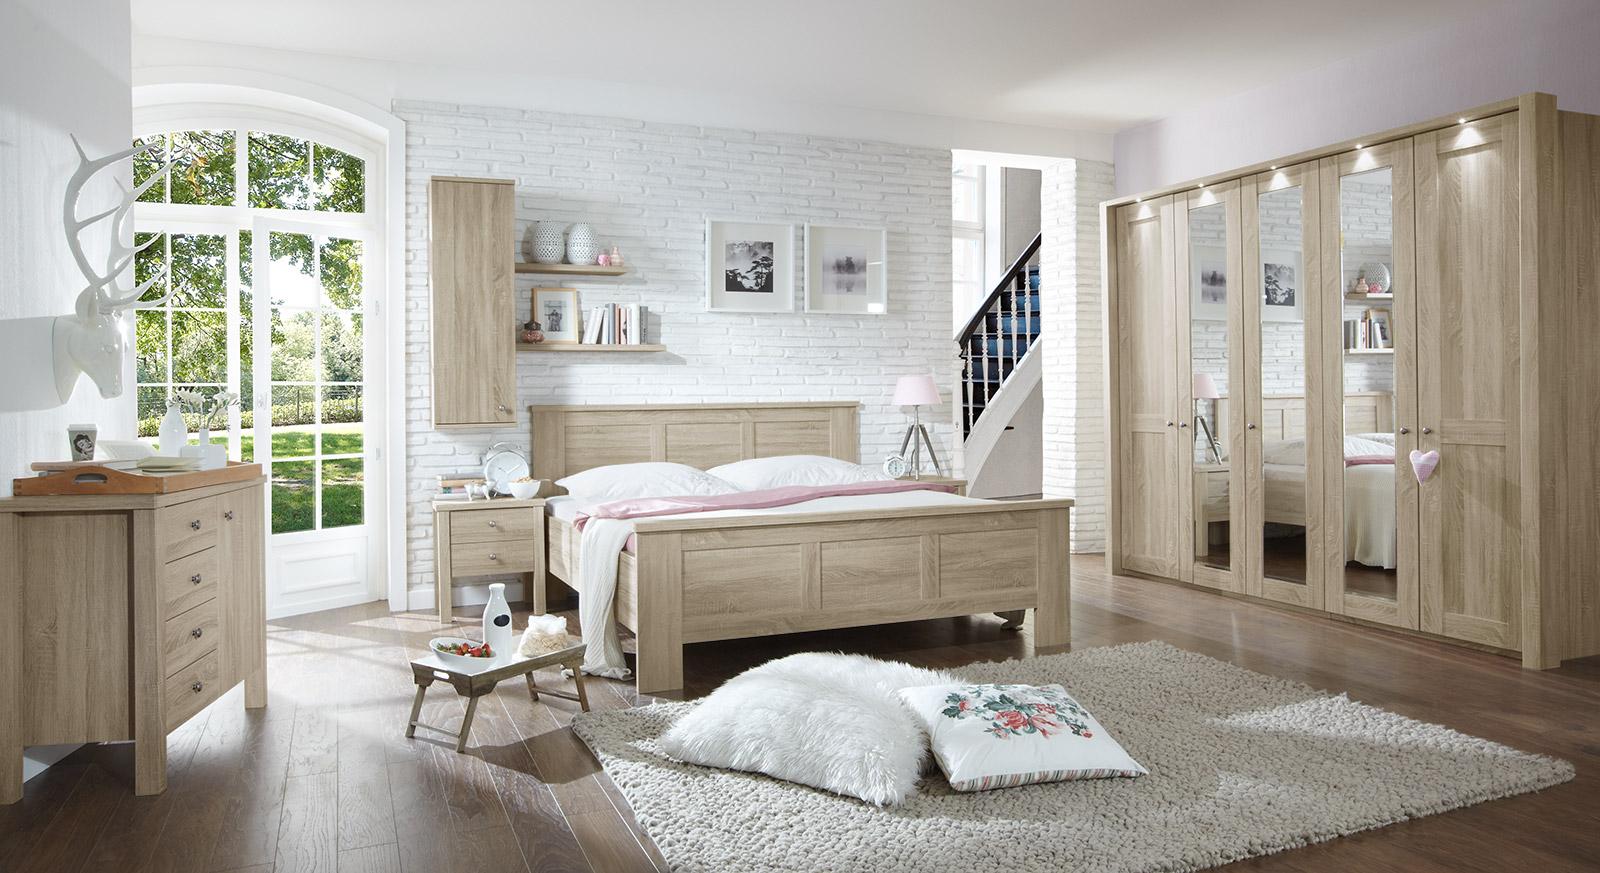 Full Size of Schlafzimmer Komplett Weiß Wandbilder Kronleuchter Massivholz Klimagerät Für Günstig Lampe Deckenleuchten Teppich Landhausstil Küche Set Mit Matratze Und Schlafzimmer Schlafzimmer Landhausstil